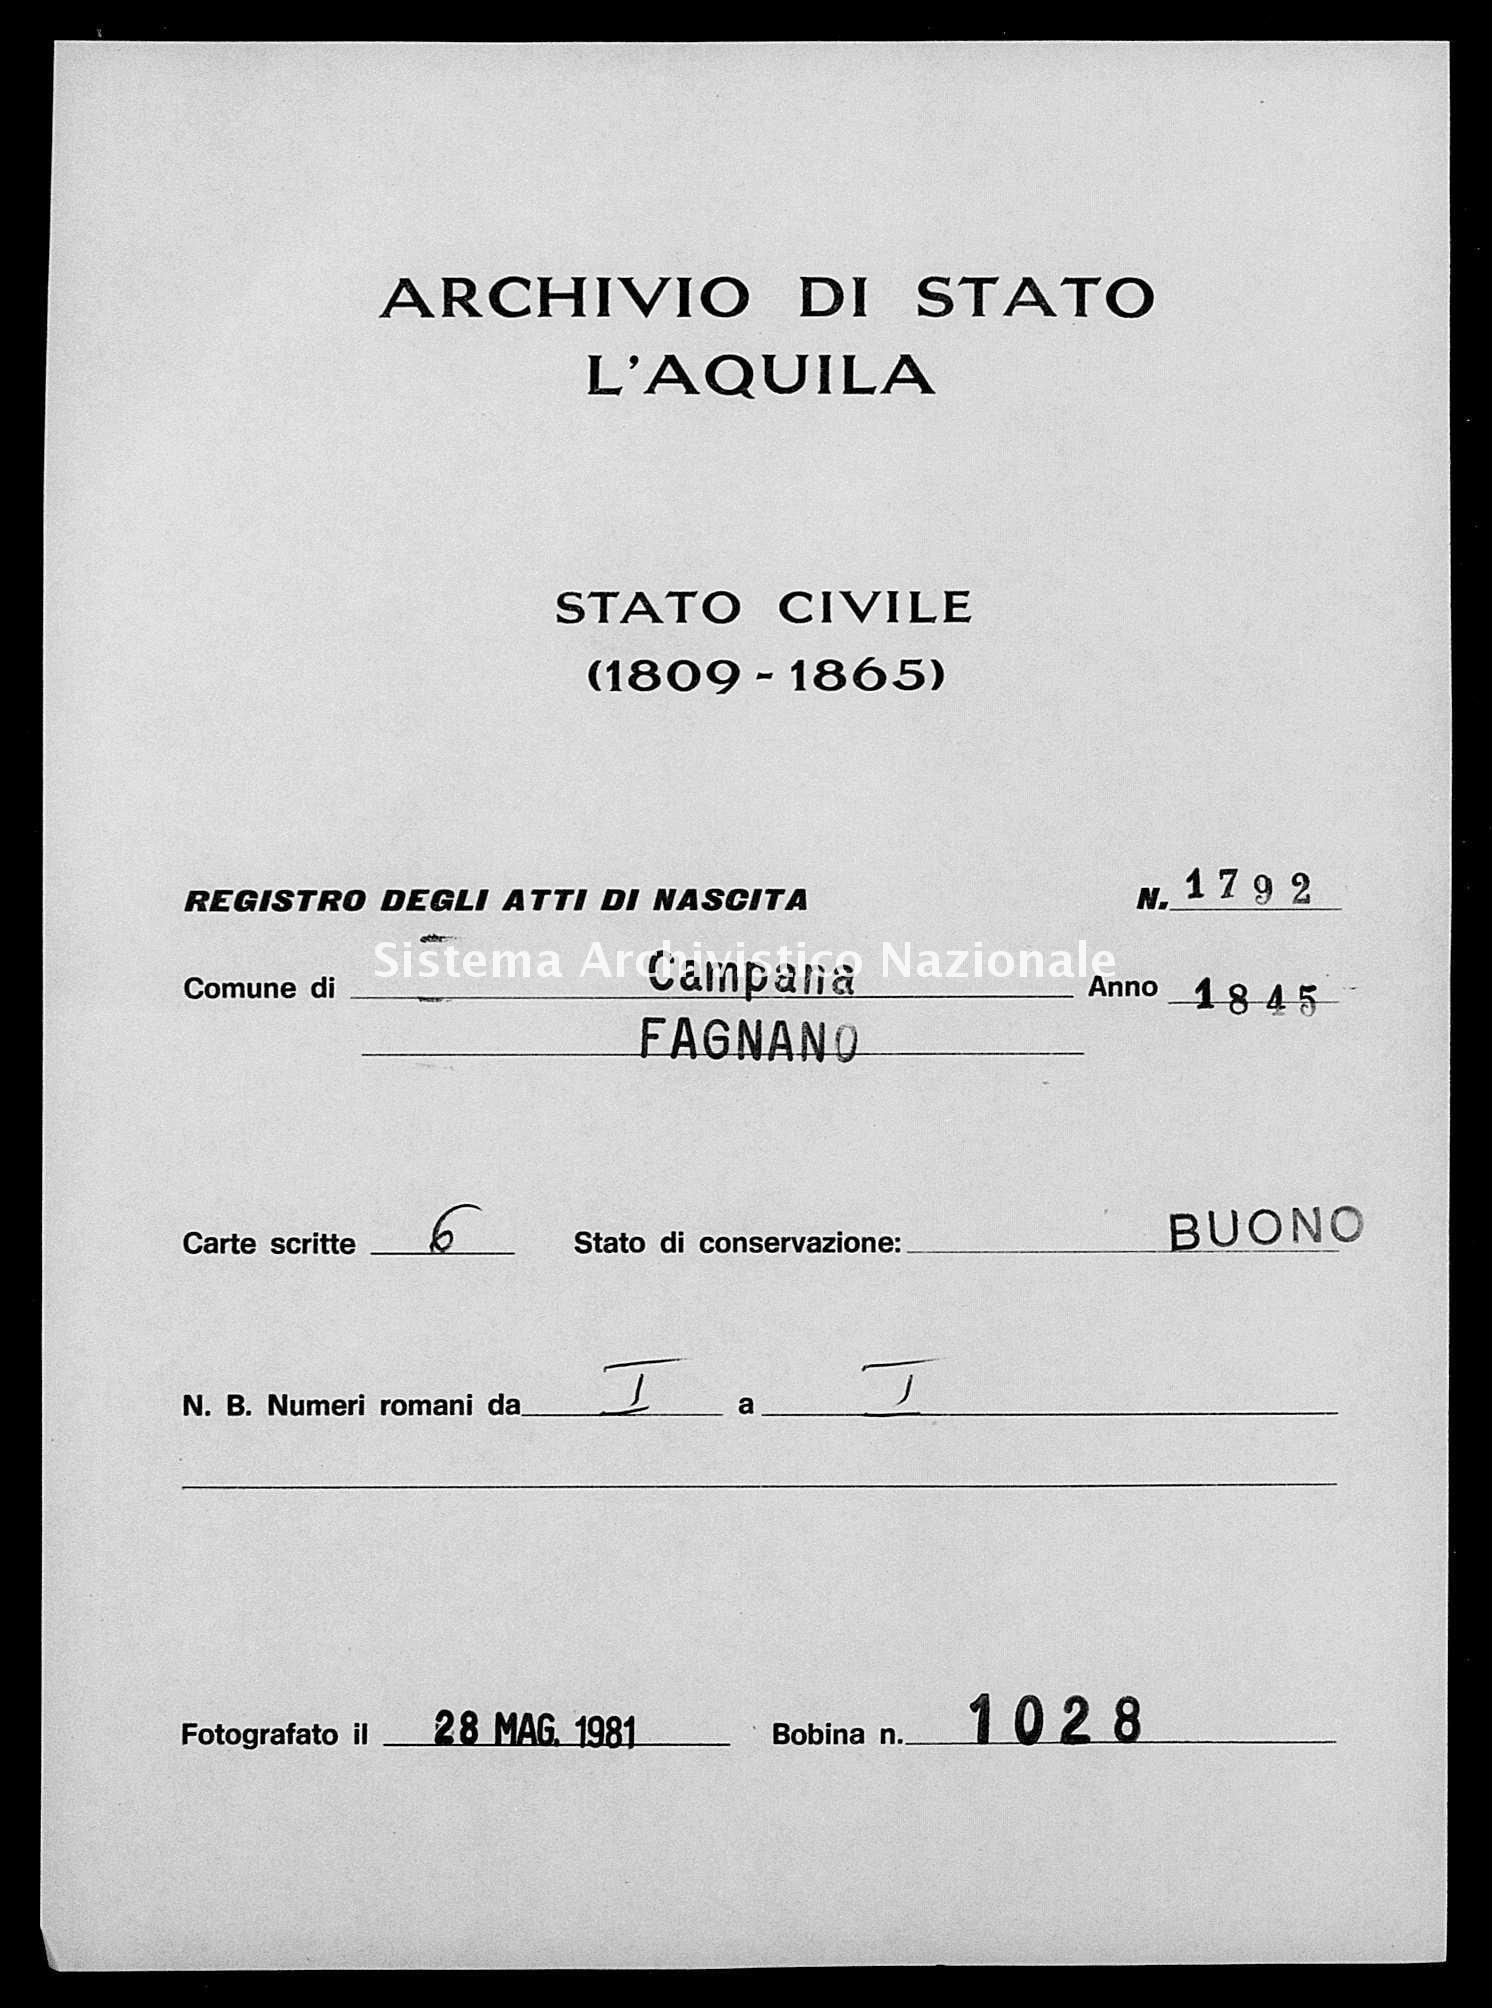 Archivio di stato di L'aquila - Stato civile della restaurazione - Campana - Nati - 1845 - 1792 -